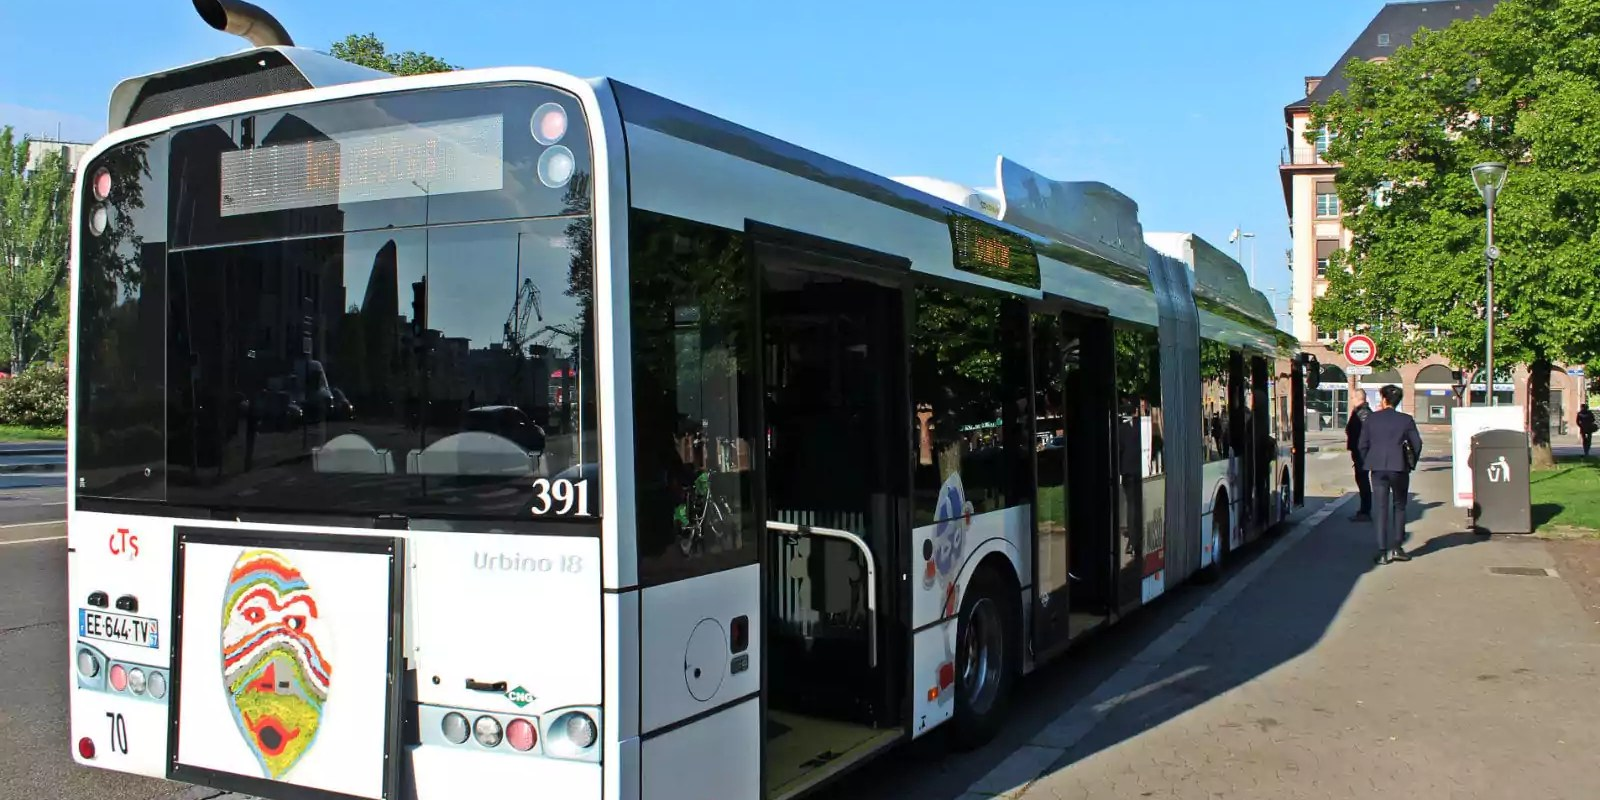 Transformation de la ligne 15 de bus en «L1», plus efficace, le 29 avril